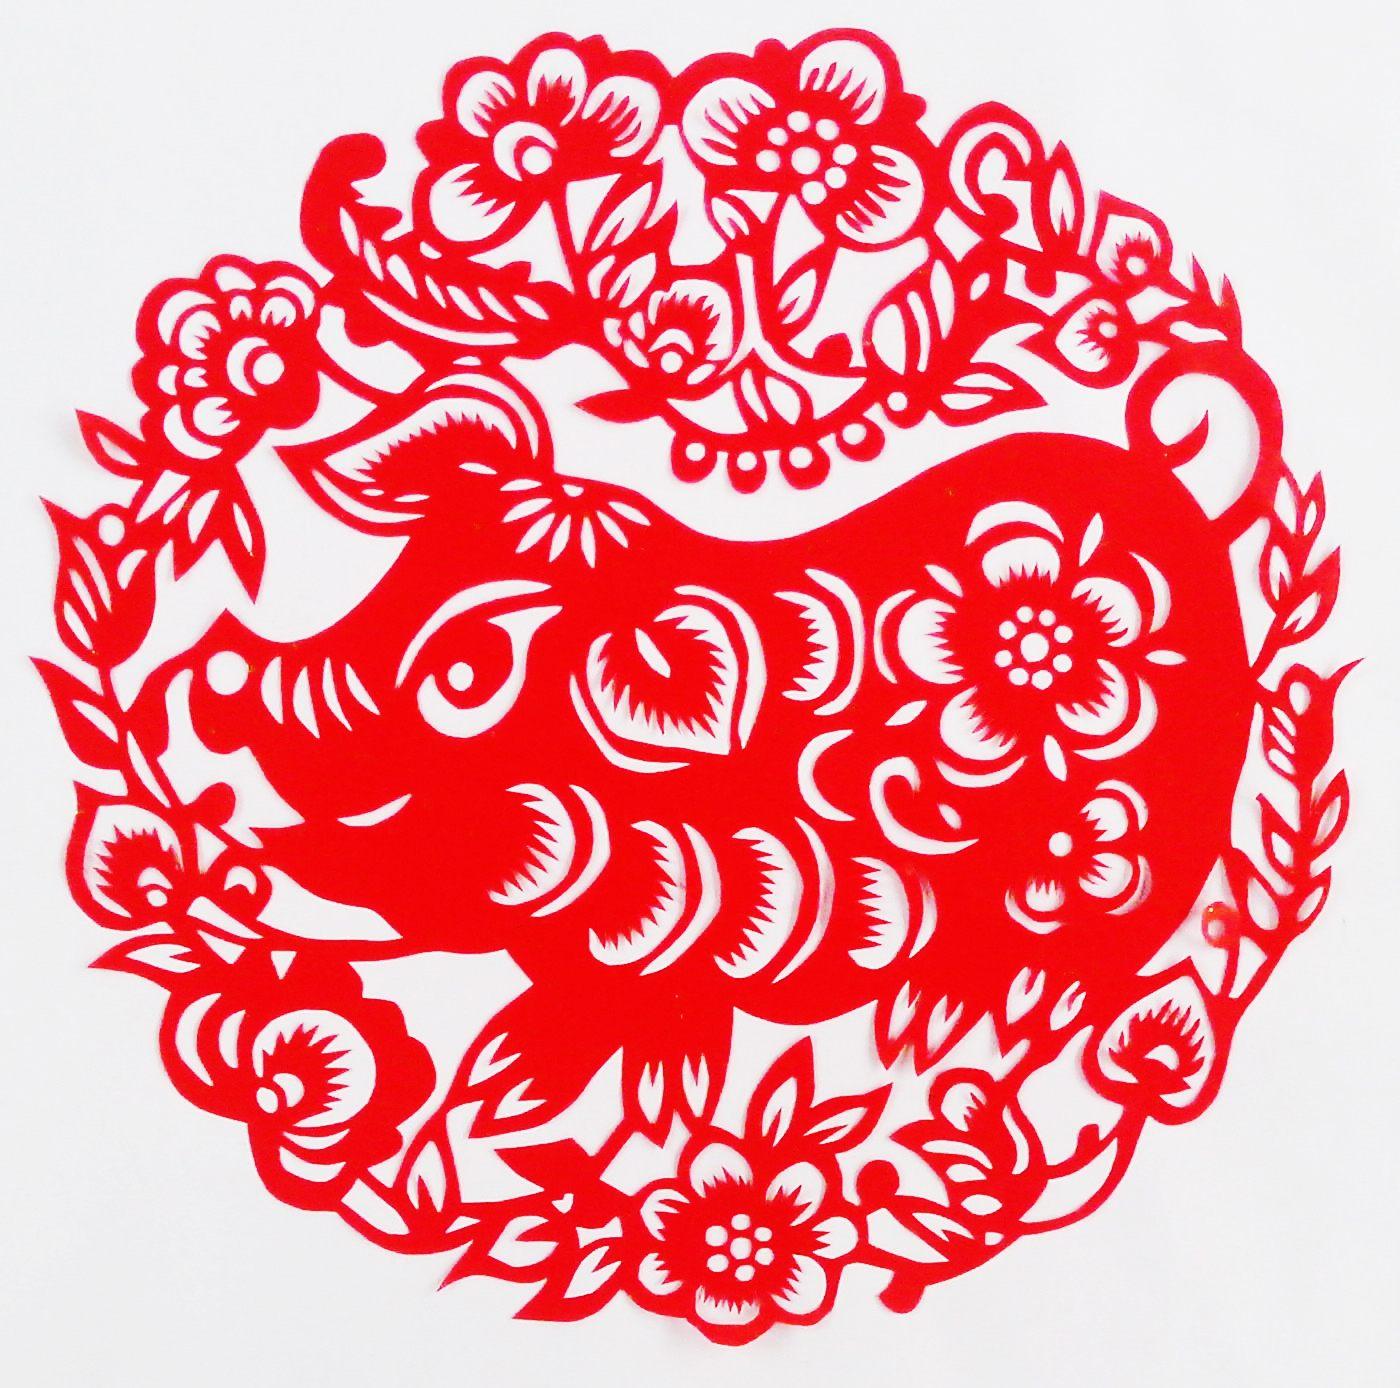 Вытынанки Свинья и Кабан на Новый год 2019: шаблоны на окна картинки